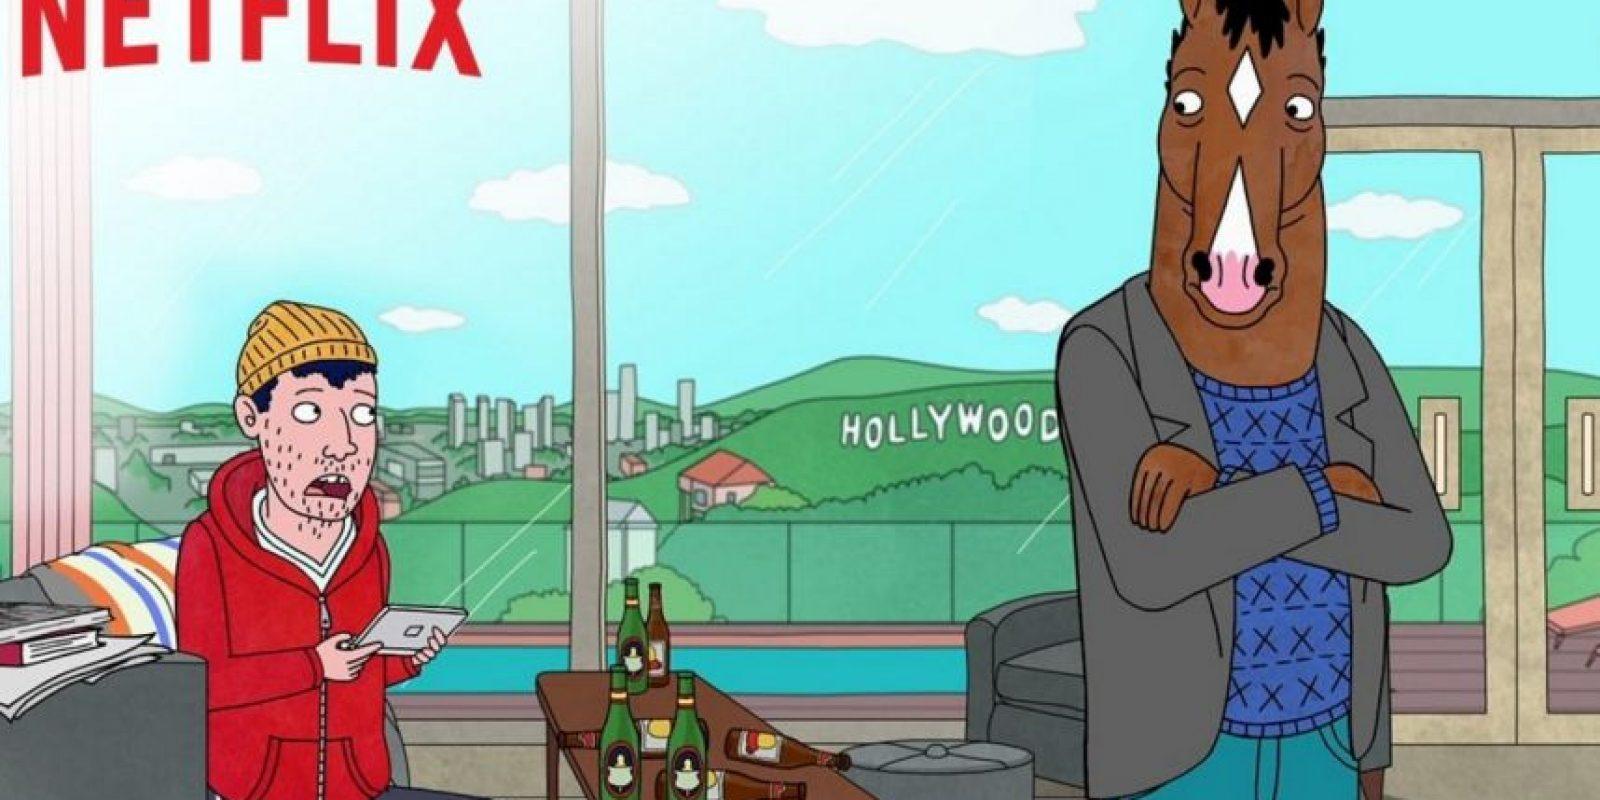 """Esta serie animada se centra en la vida de """"BoJack Horseman"""", una exestrella del sitcom de 1990 cuya carrera está terminada, pero que planea su regreso como celebridad mientras lidia con las exigencias de su agente y su expareja. Foto:Netflix. Imagen Por:"""